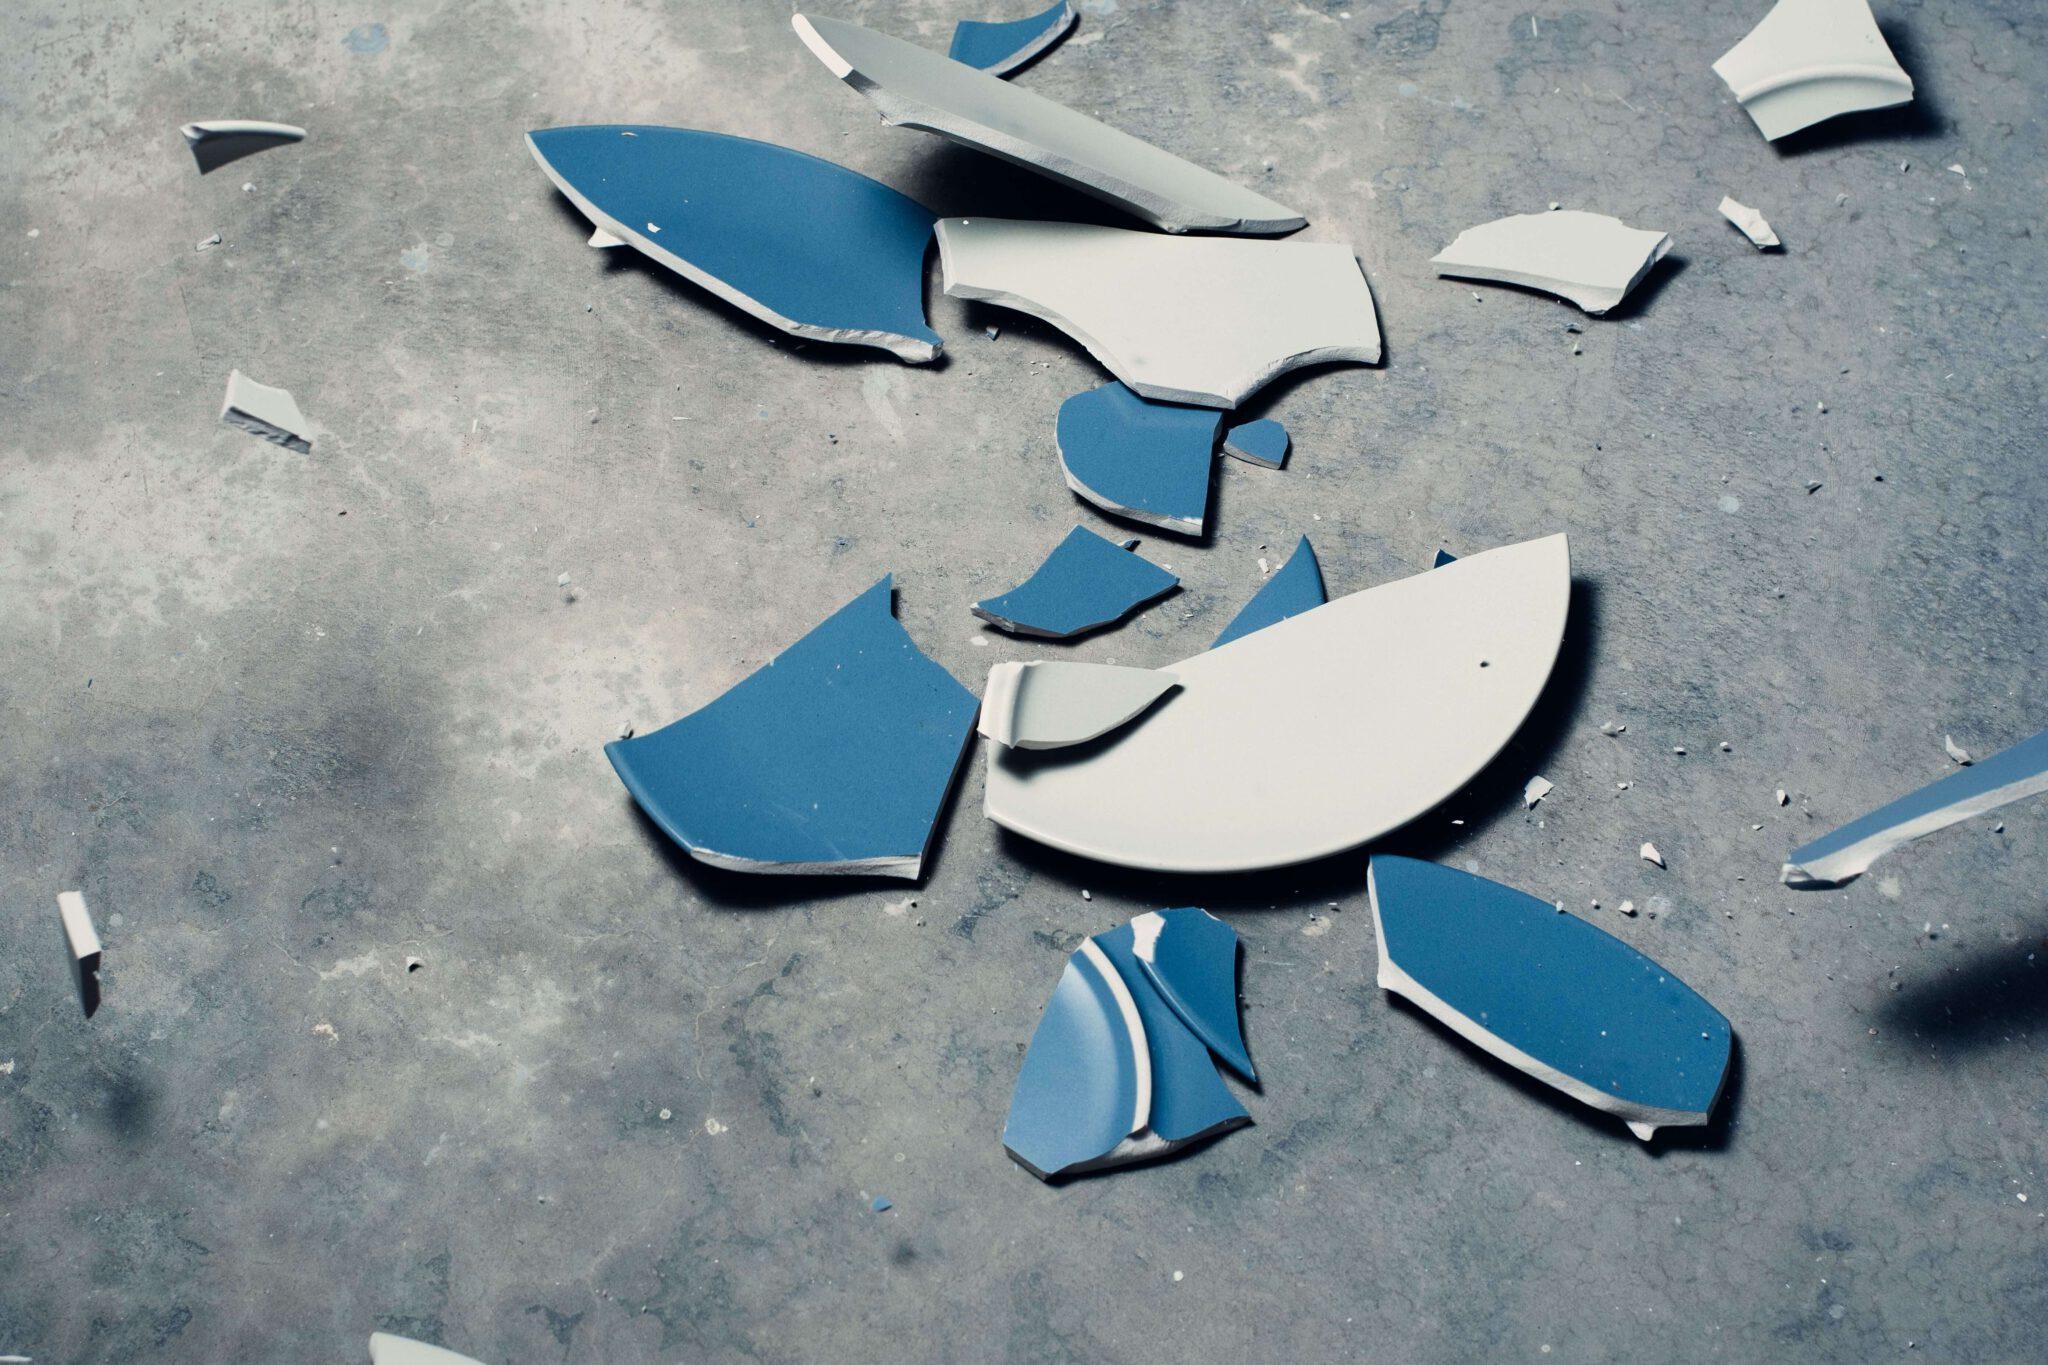 השגרה נשברה (שוב) והעסקים מנסים למצוא את שאריות השגרה האחרונות. כיצד מתמודדים? הכל במאמר ממוקד עבורכם